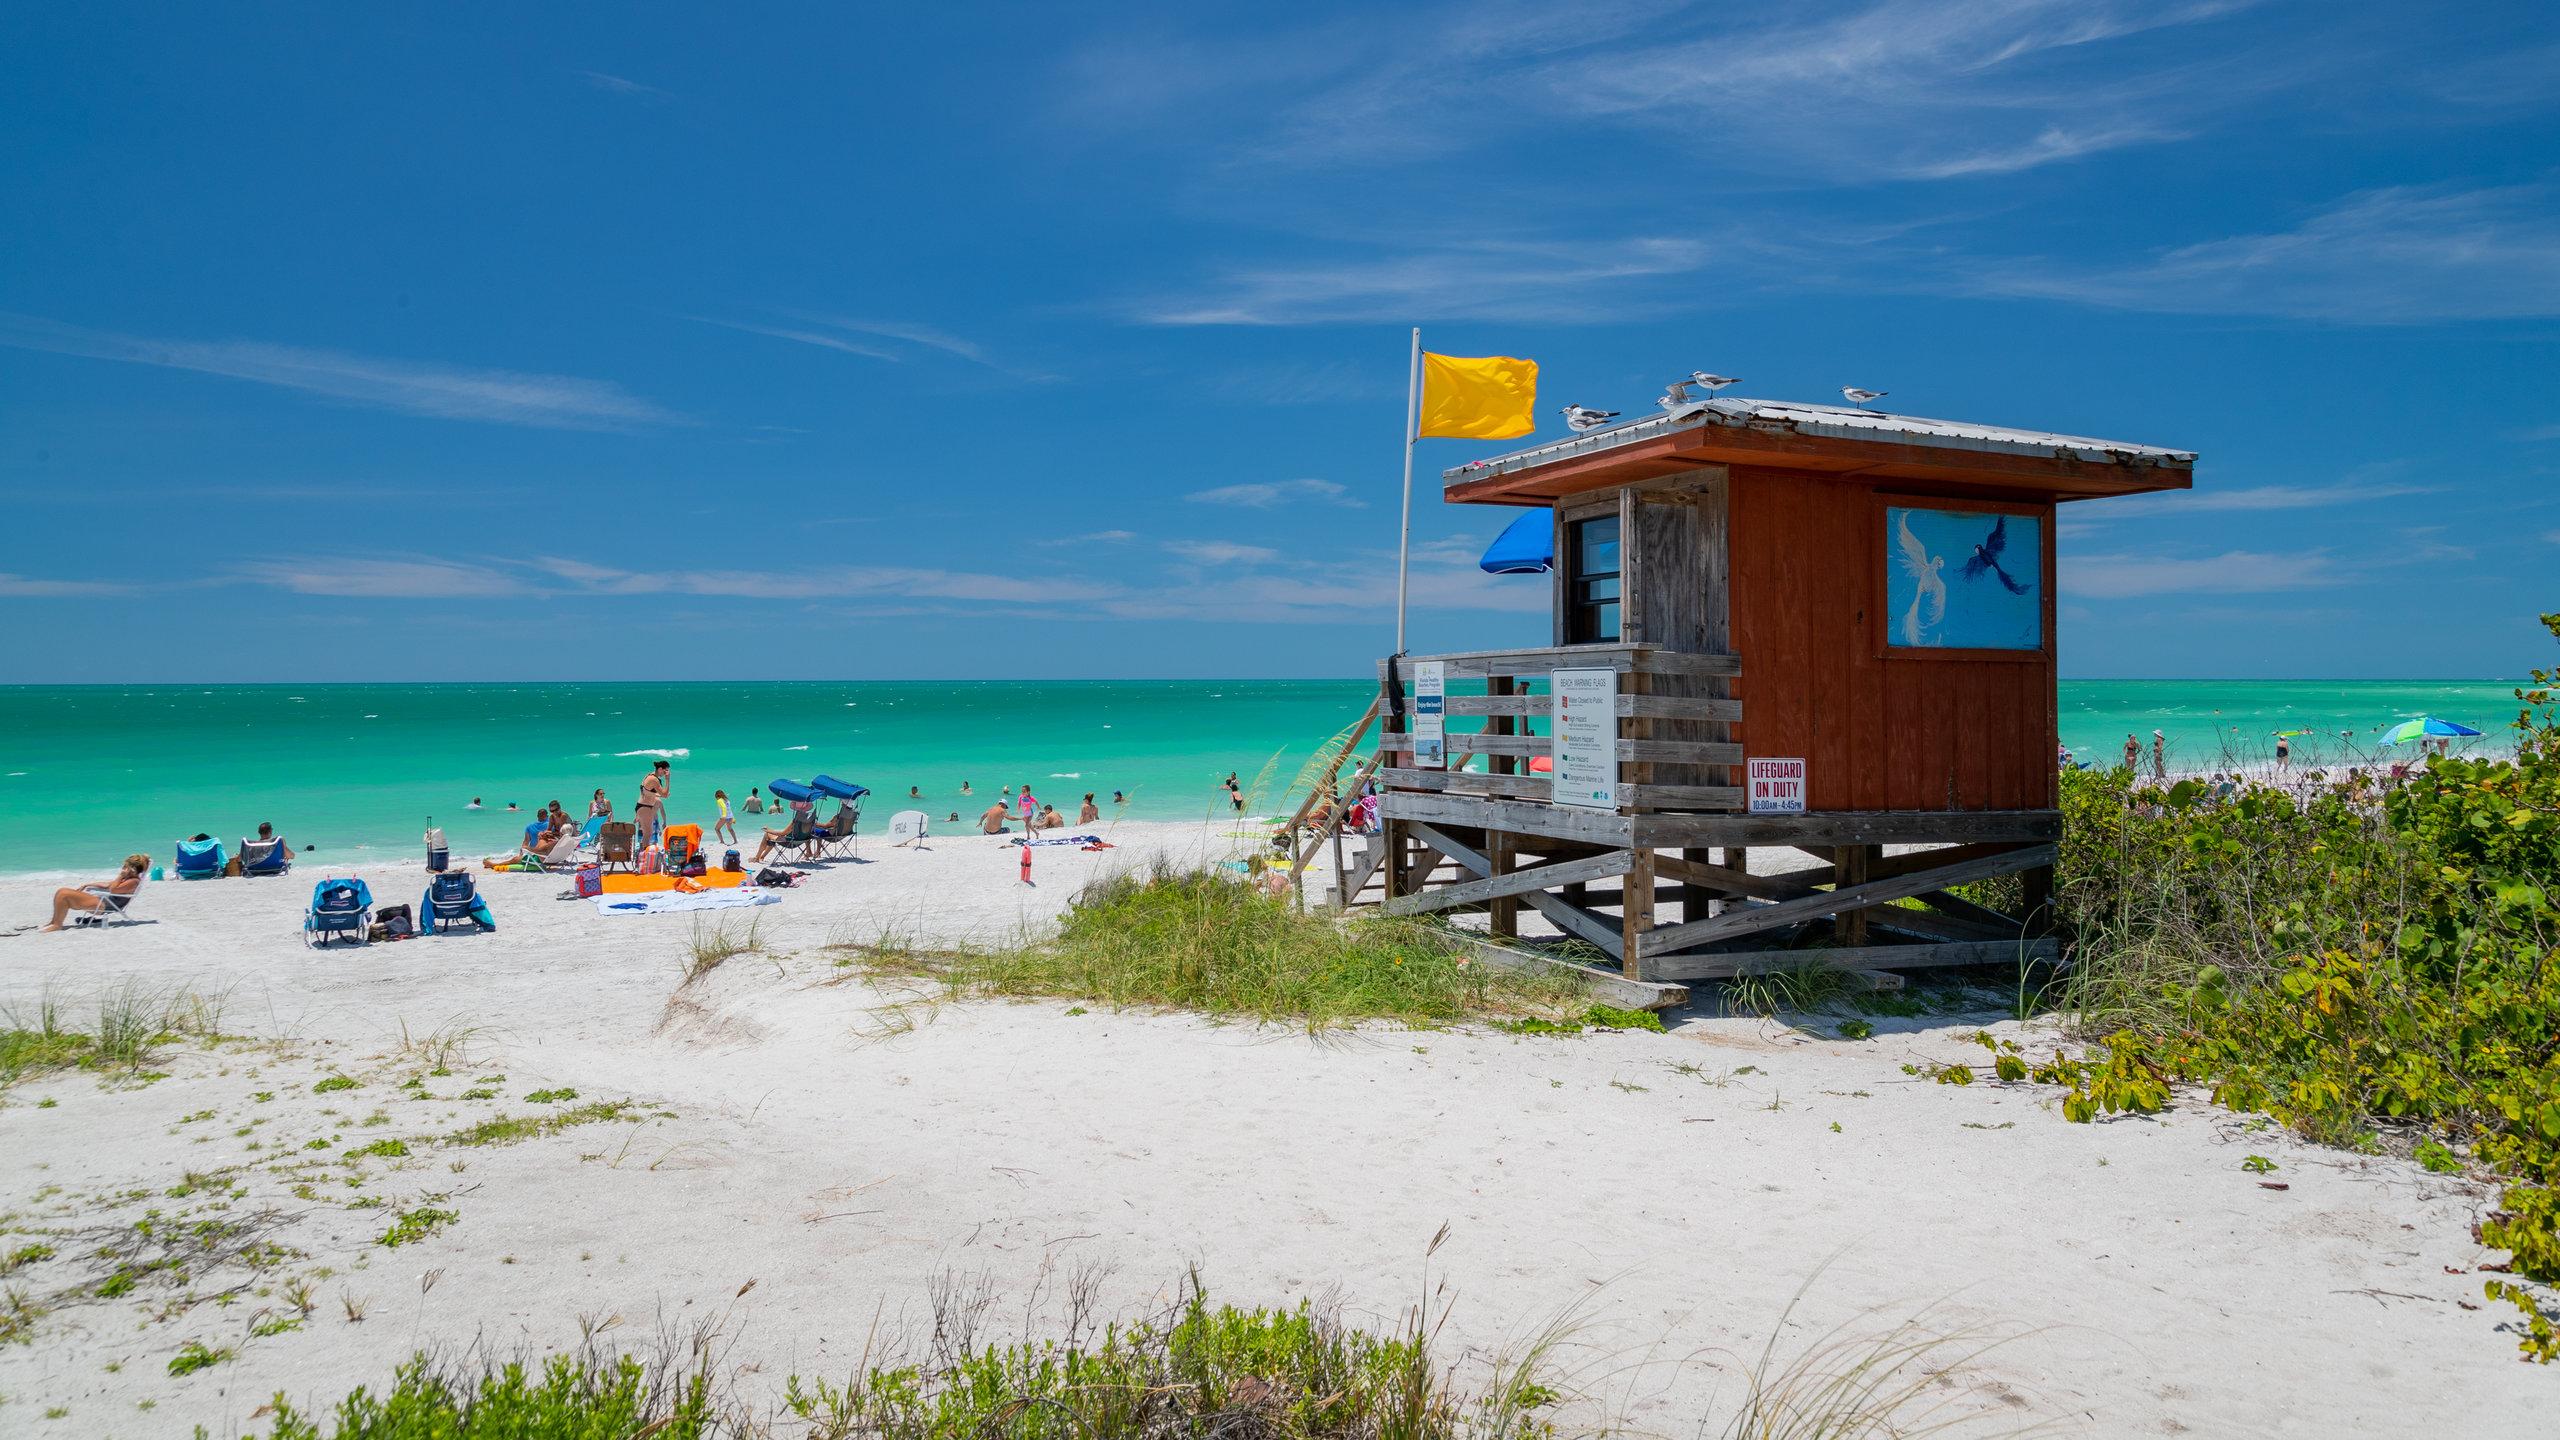 Hva med å tilbringe en avslappende ettermiddag på Lido Beach under turen til Sarasota? Området har hager og nydelige solnedganger du bør få med deg.